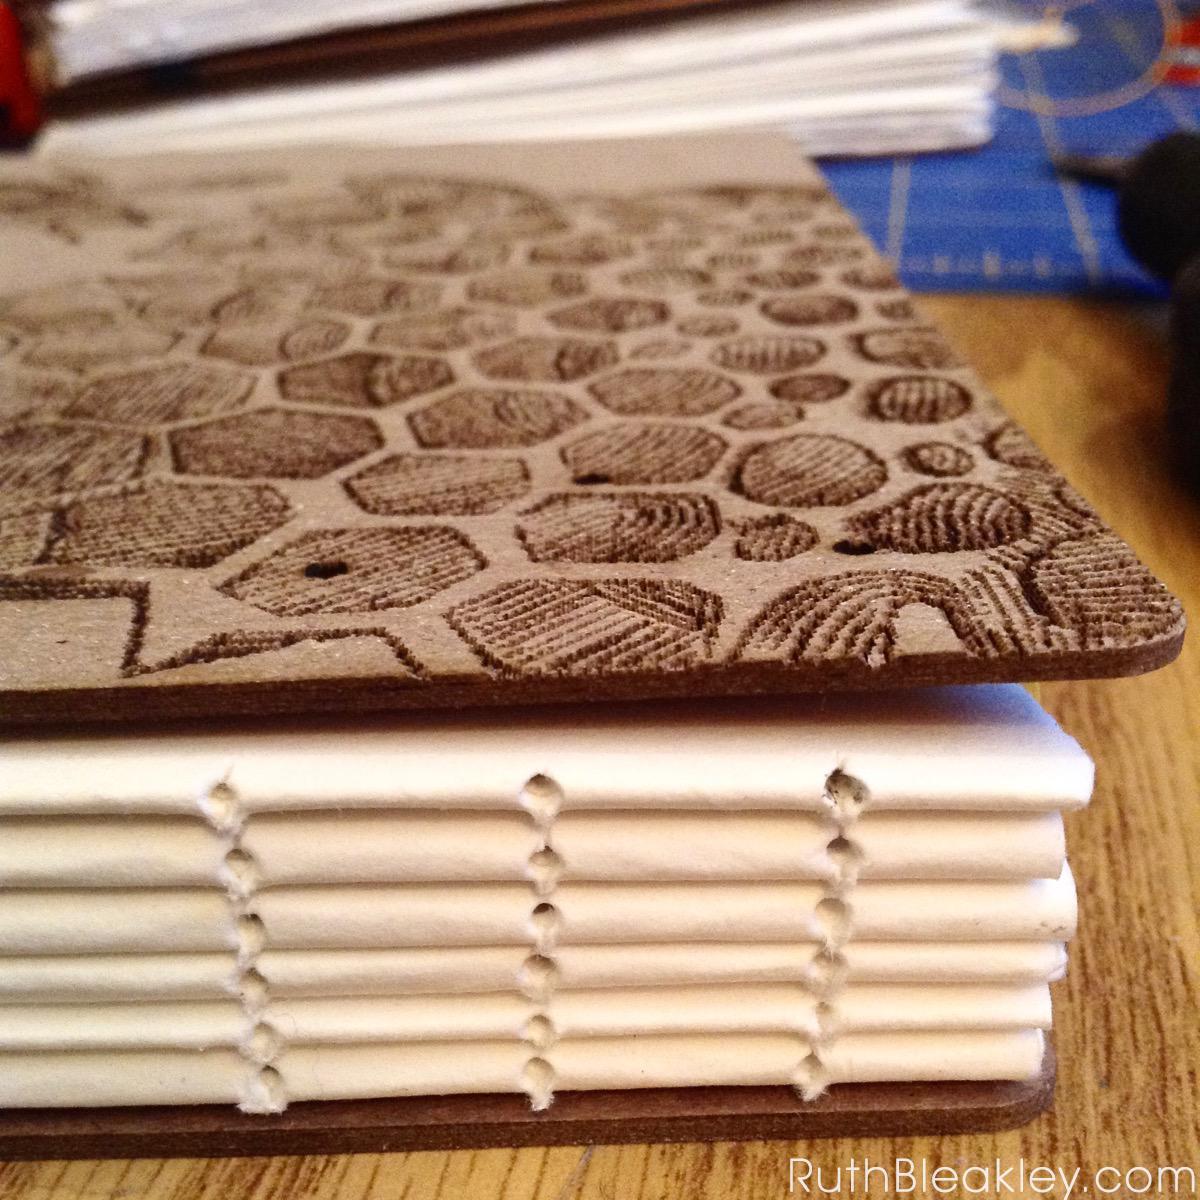 Honeybee Watercolor Sketchbook handmade by Ruth Bleakley with laser engraved cover - bookbinding sewing holes